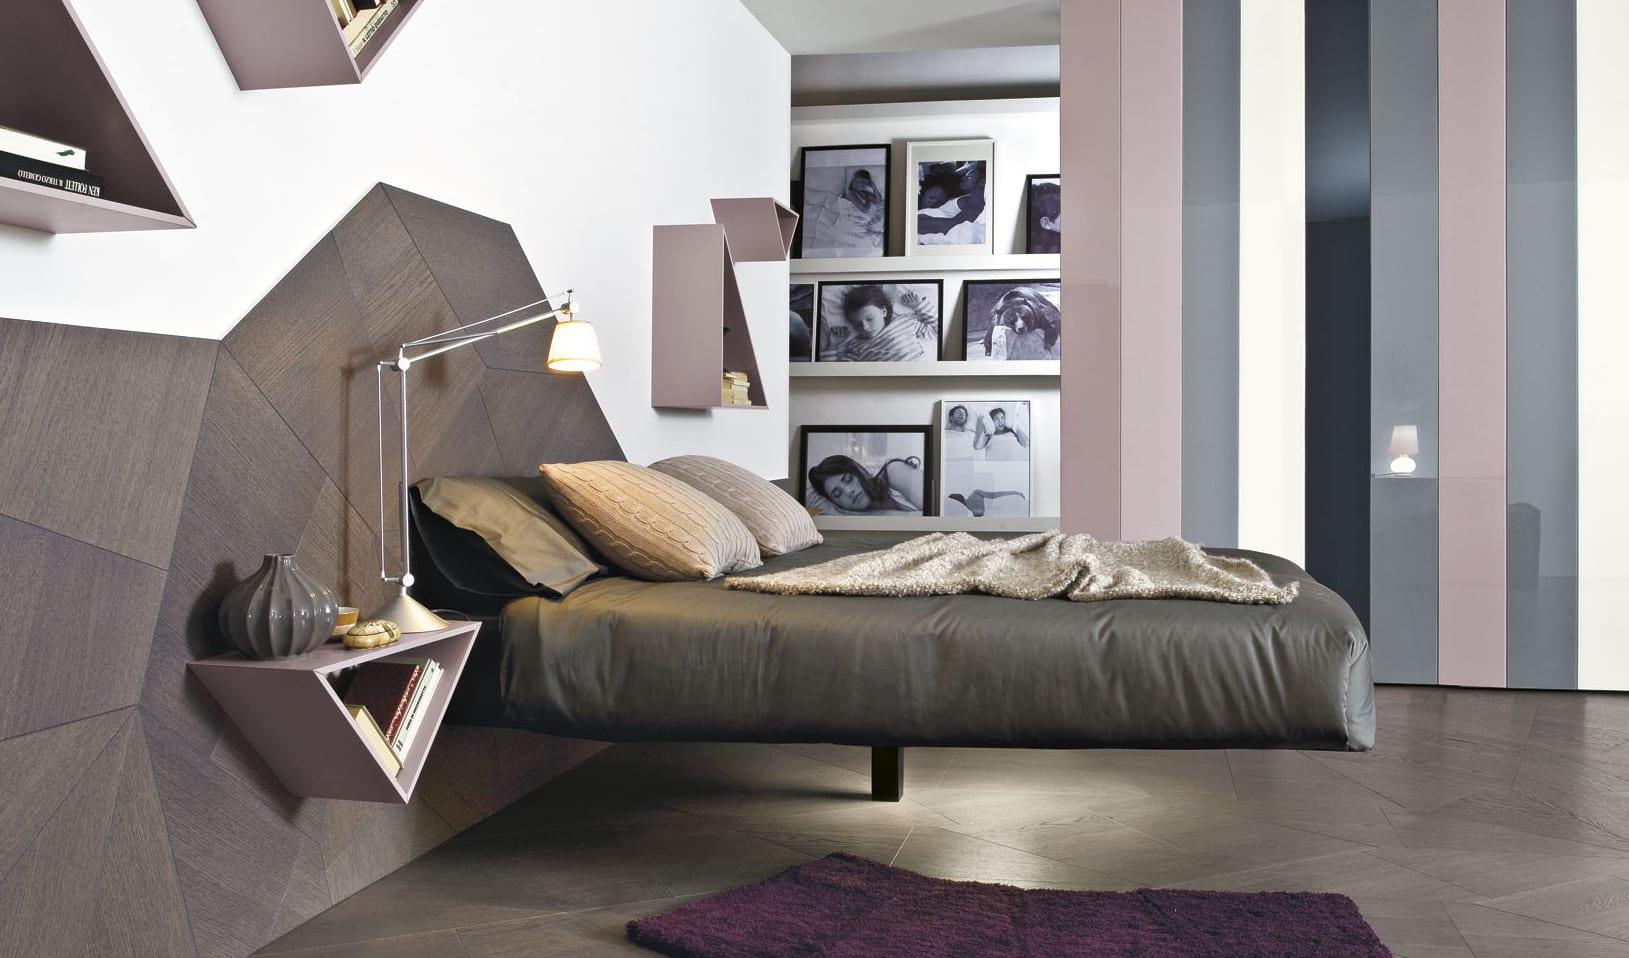 Deko Ideen Schlafzimmer Und Einrichtungsidee Mit Modernen - Einrichtungsidee schlafzimmer